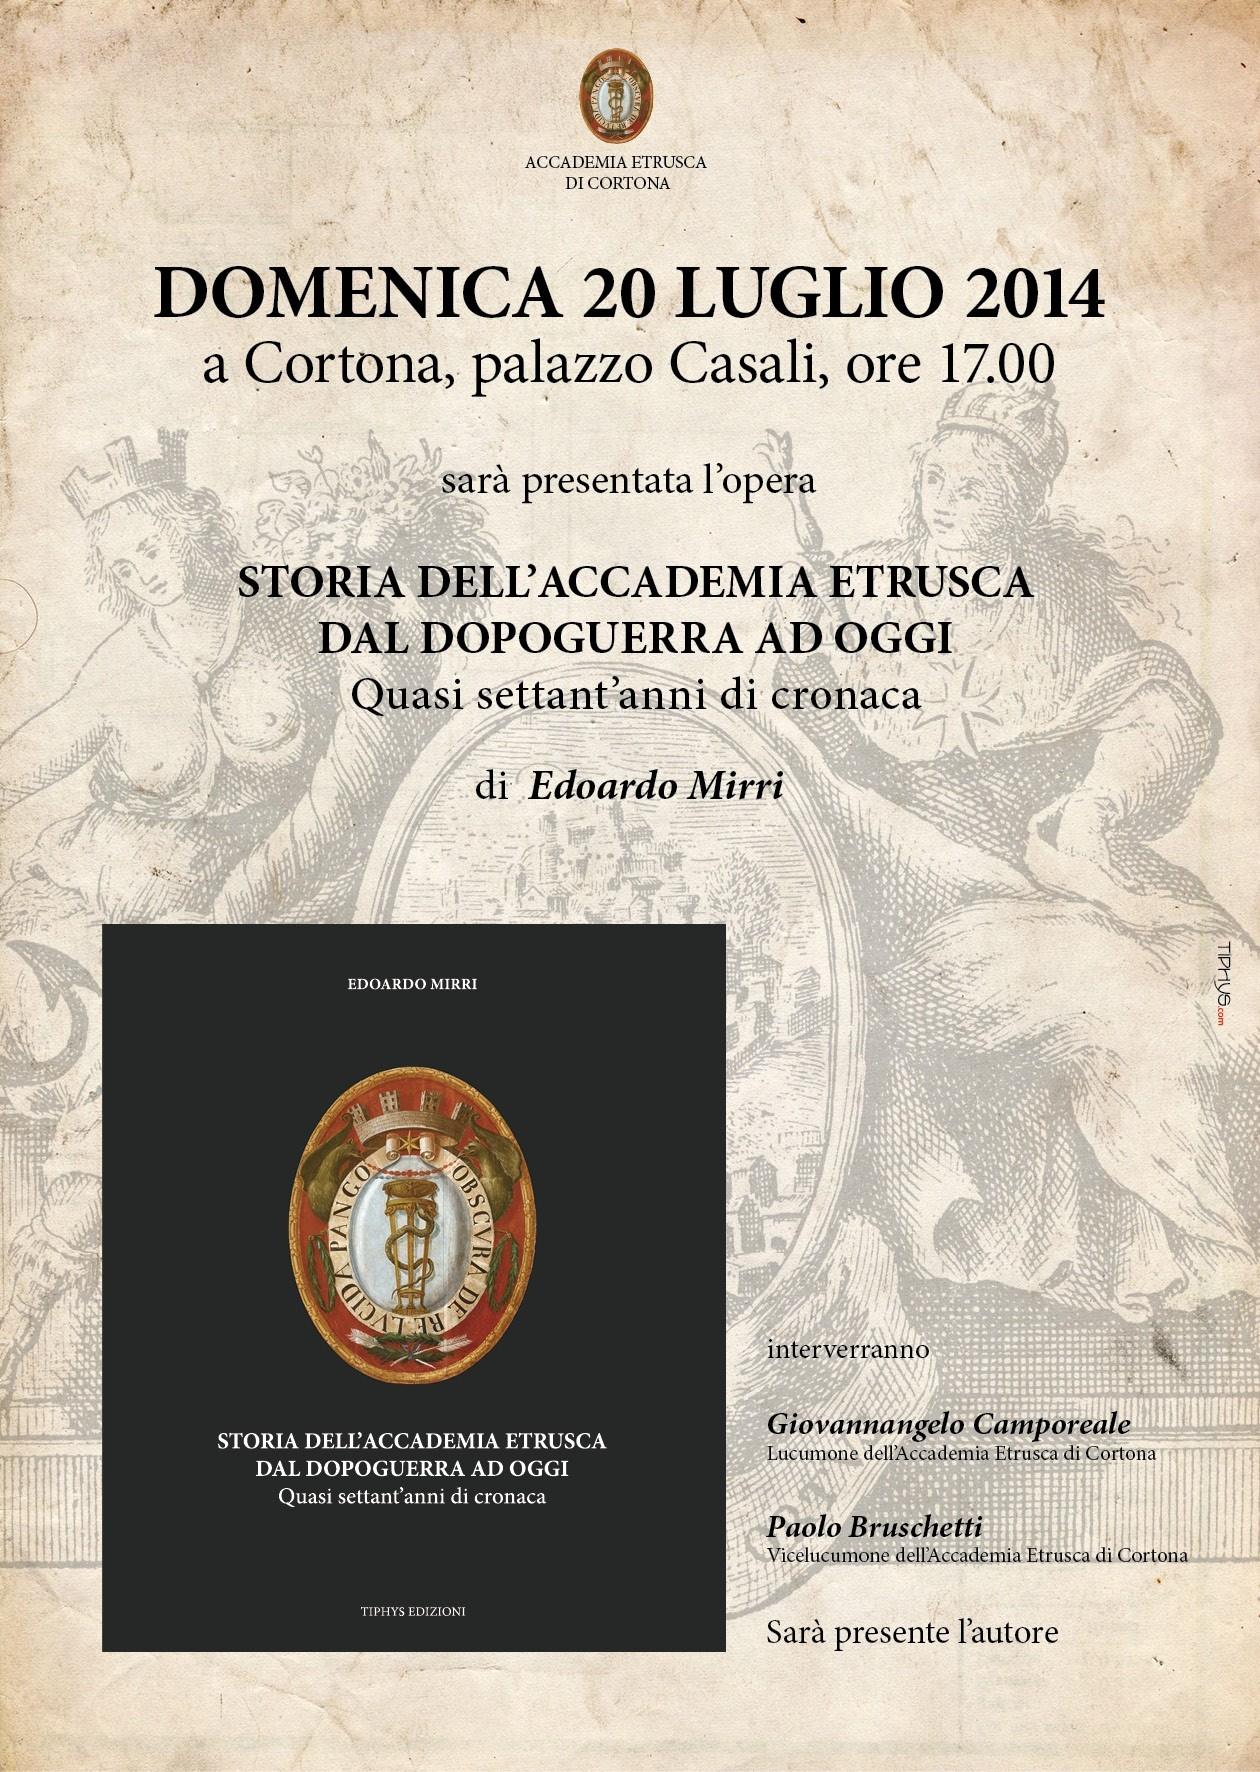 Gli ultimi 70 anni dell'Accademia Etrusca: presentazione del libro di Edoardo Mirri